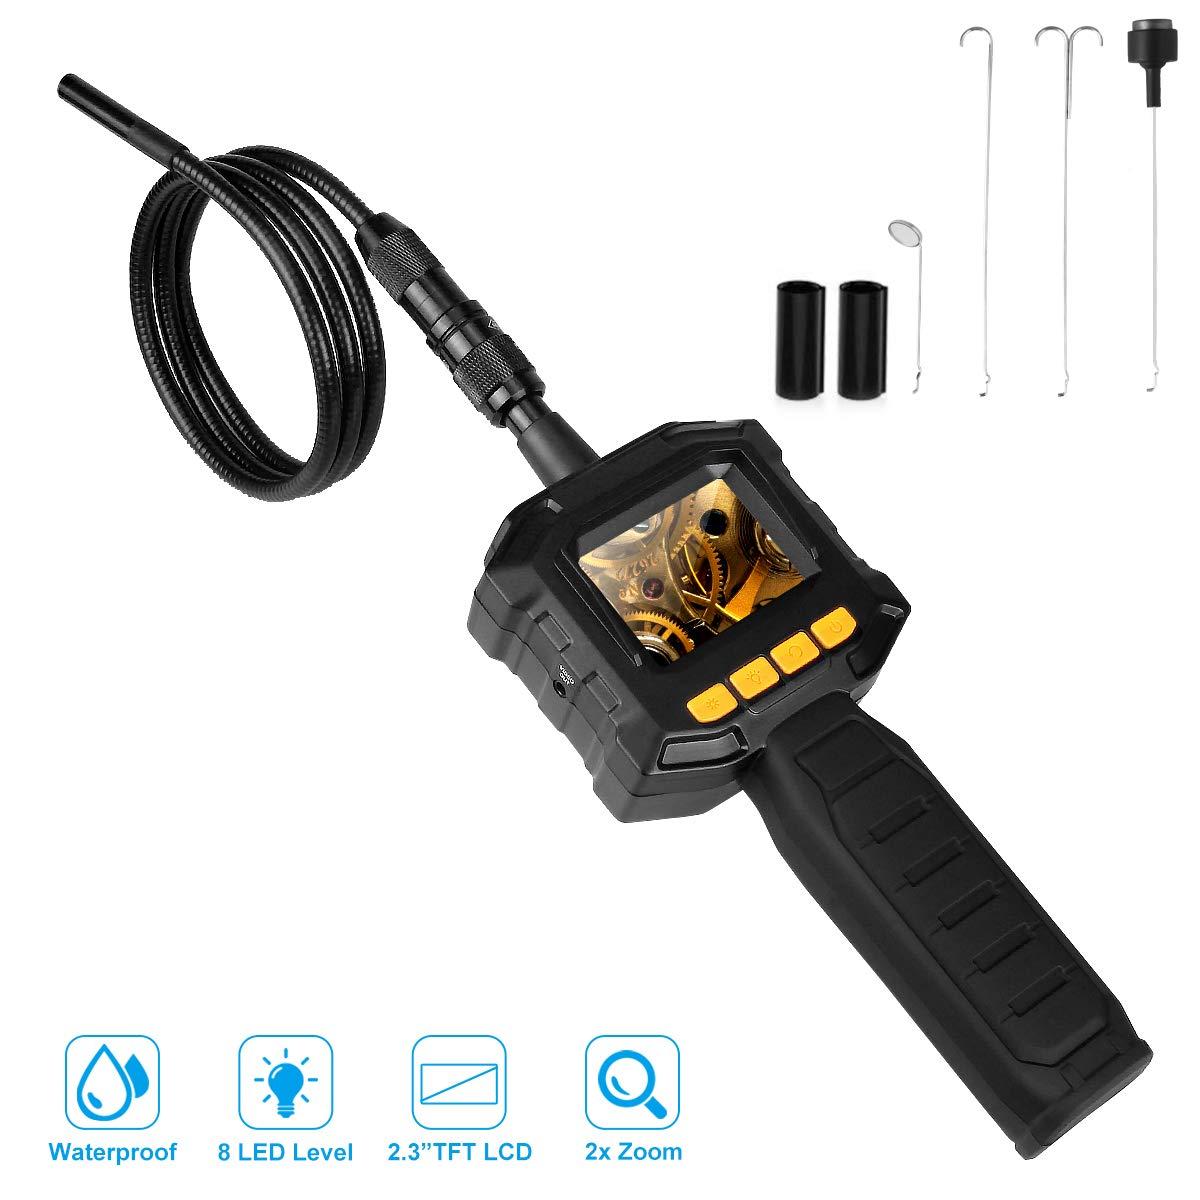 Dericam Caméra d'inspection, Endoscope, tuyaux d'arpentage ou Lieu à portée de Main, Tube endoscopique étanche IP67, Objectif TFT-LCD de 2,31 Pouces, boîte à Outils Portable Incluse, IC01, Noir